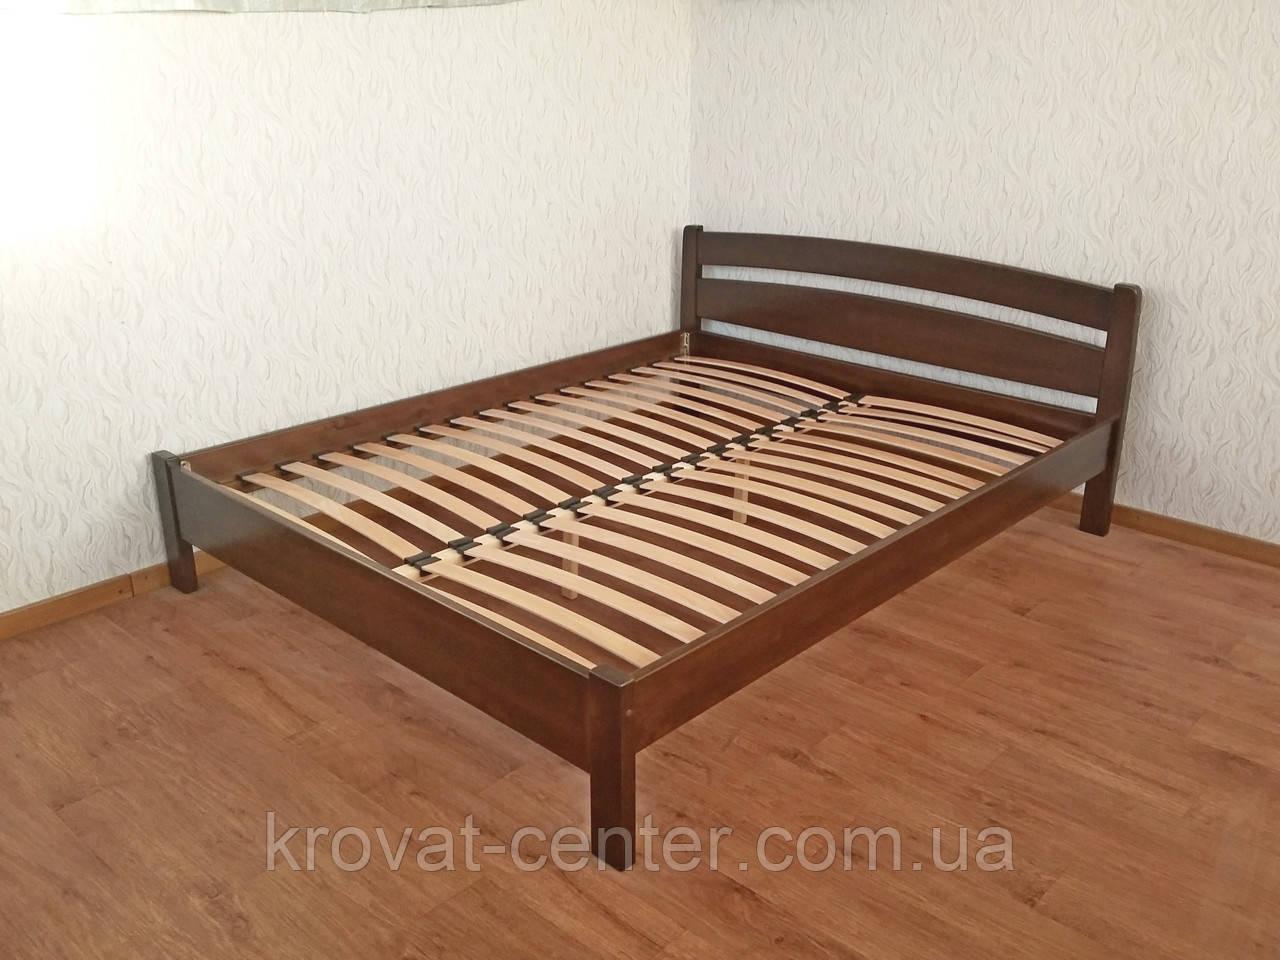 """Полуторне ліжко з масиву натурального дерева """"Березня"""" від виробника"""